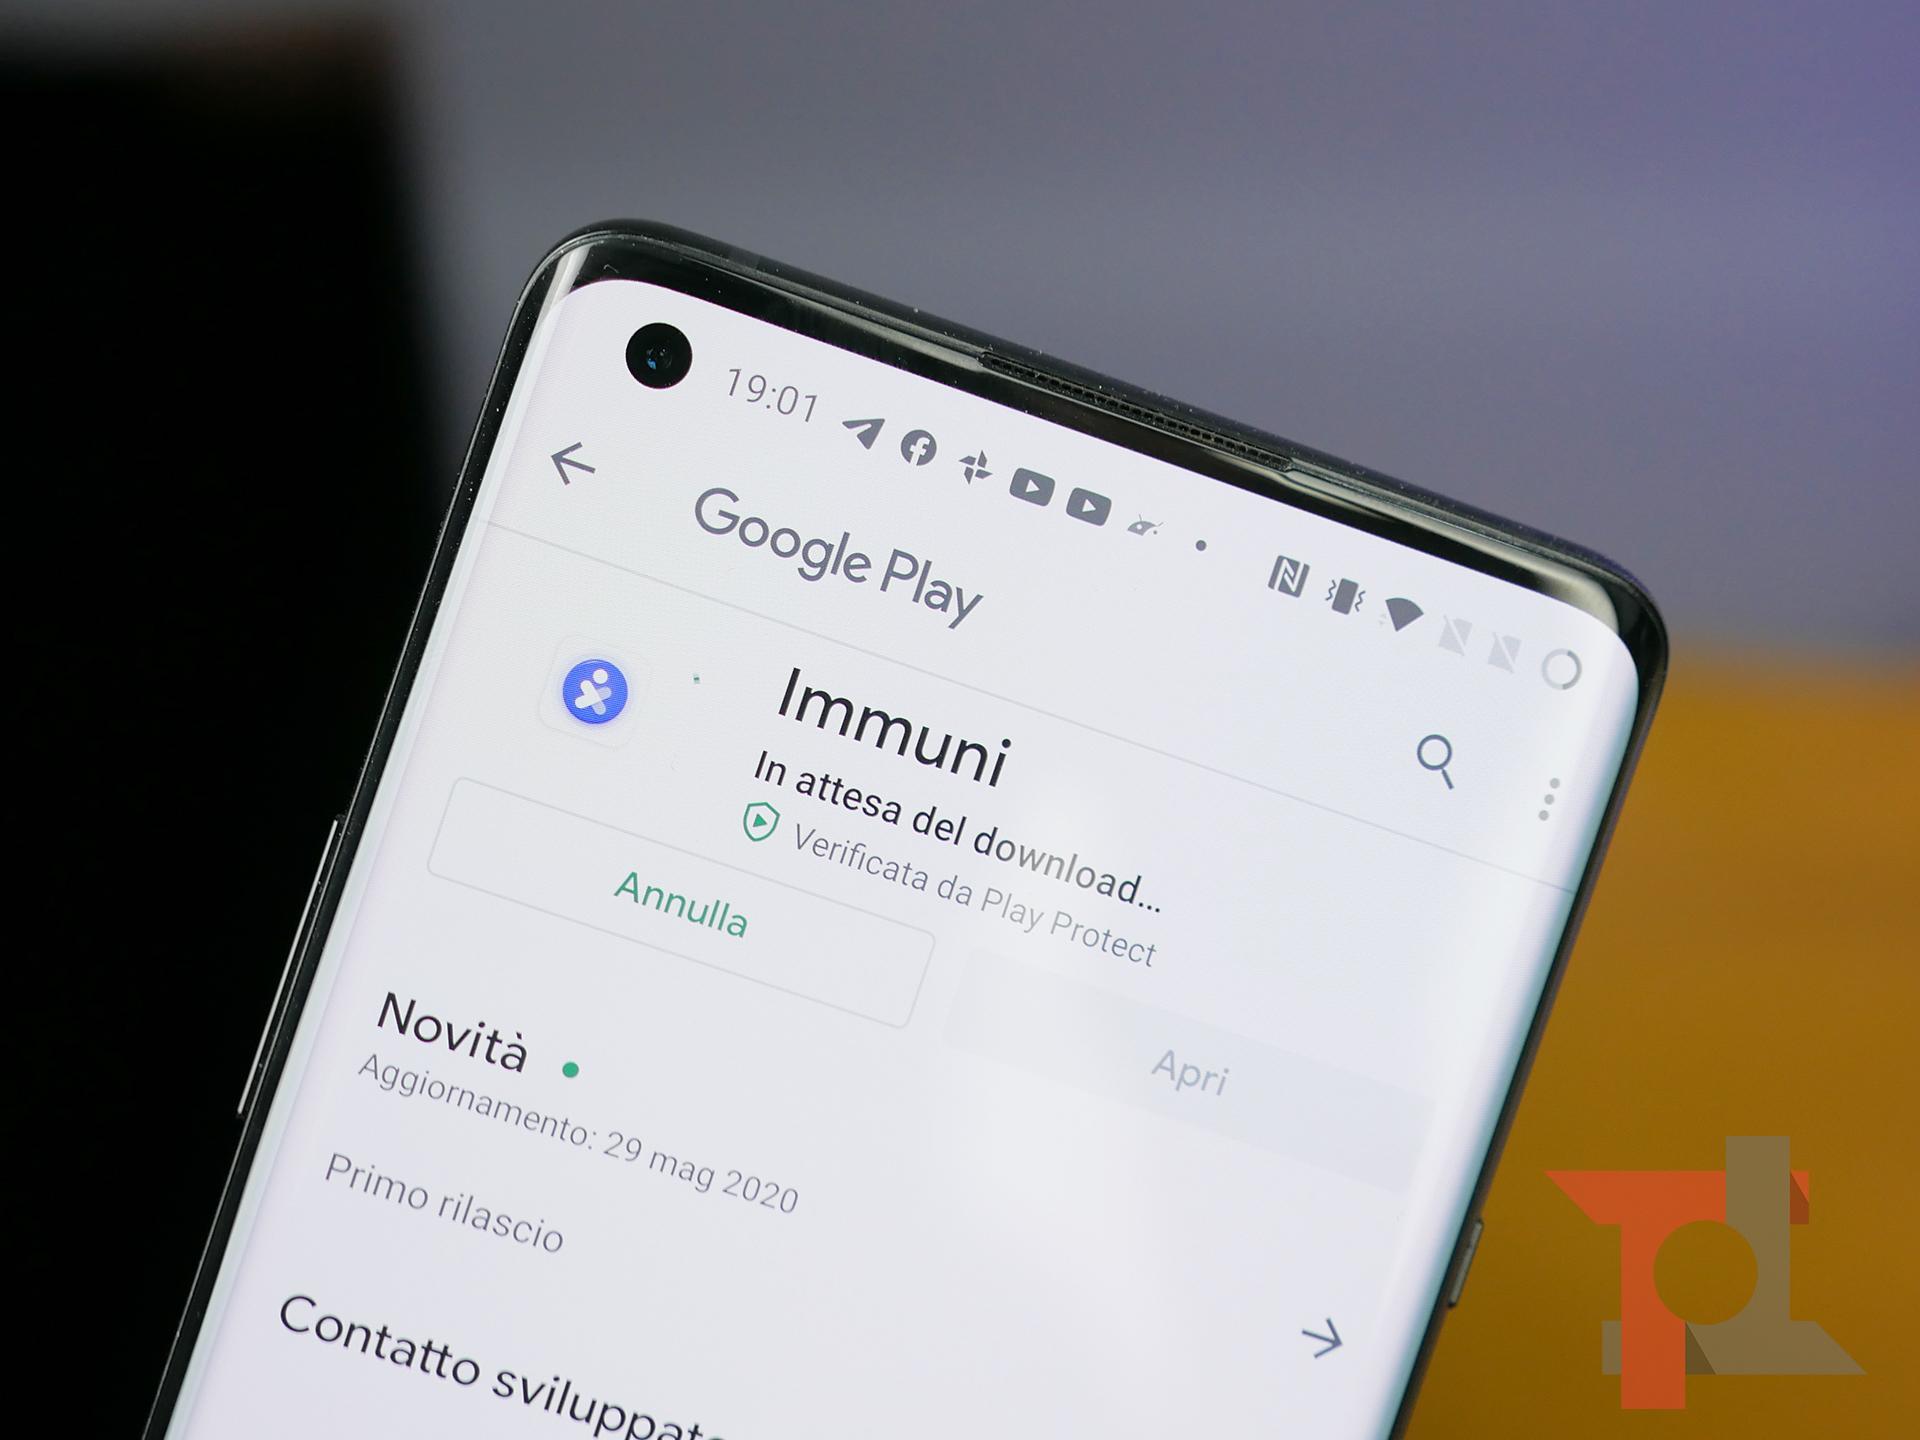 Immuni potrà essere scaricata anche sugli smartphone Huawei